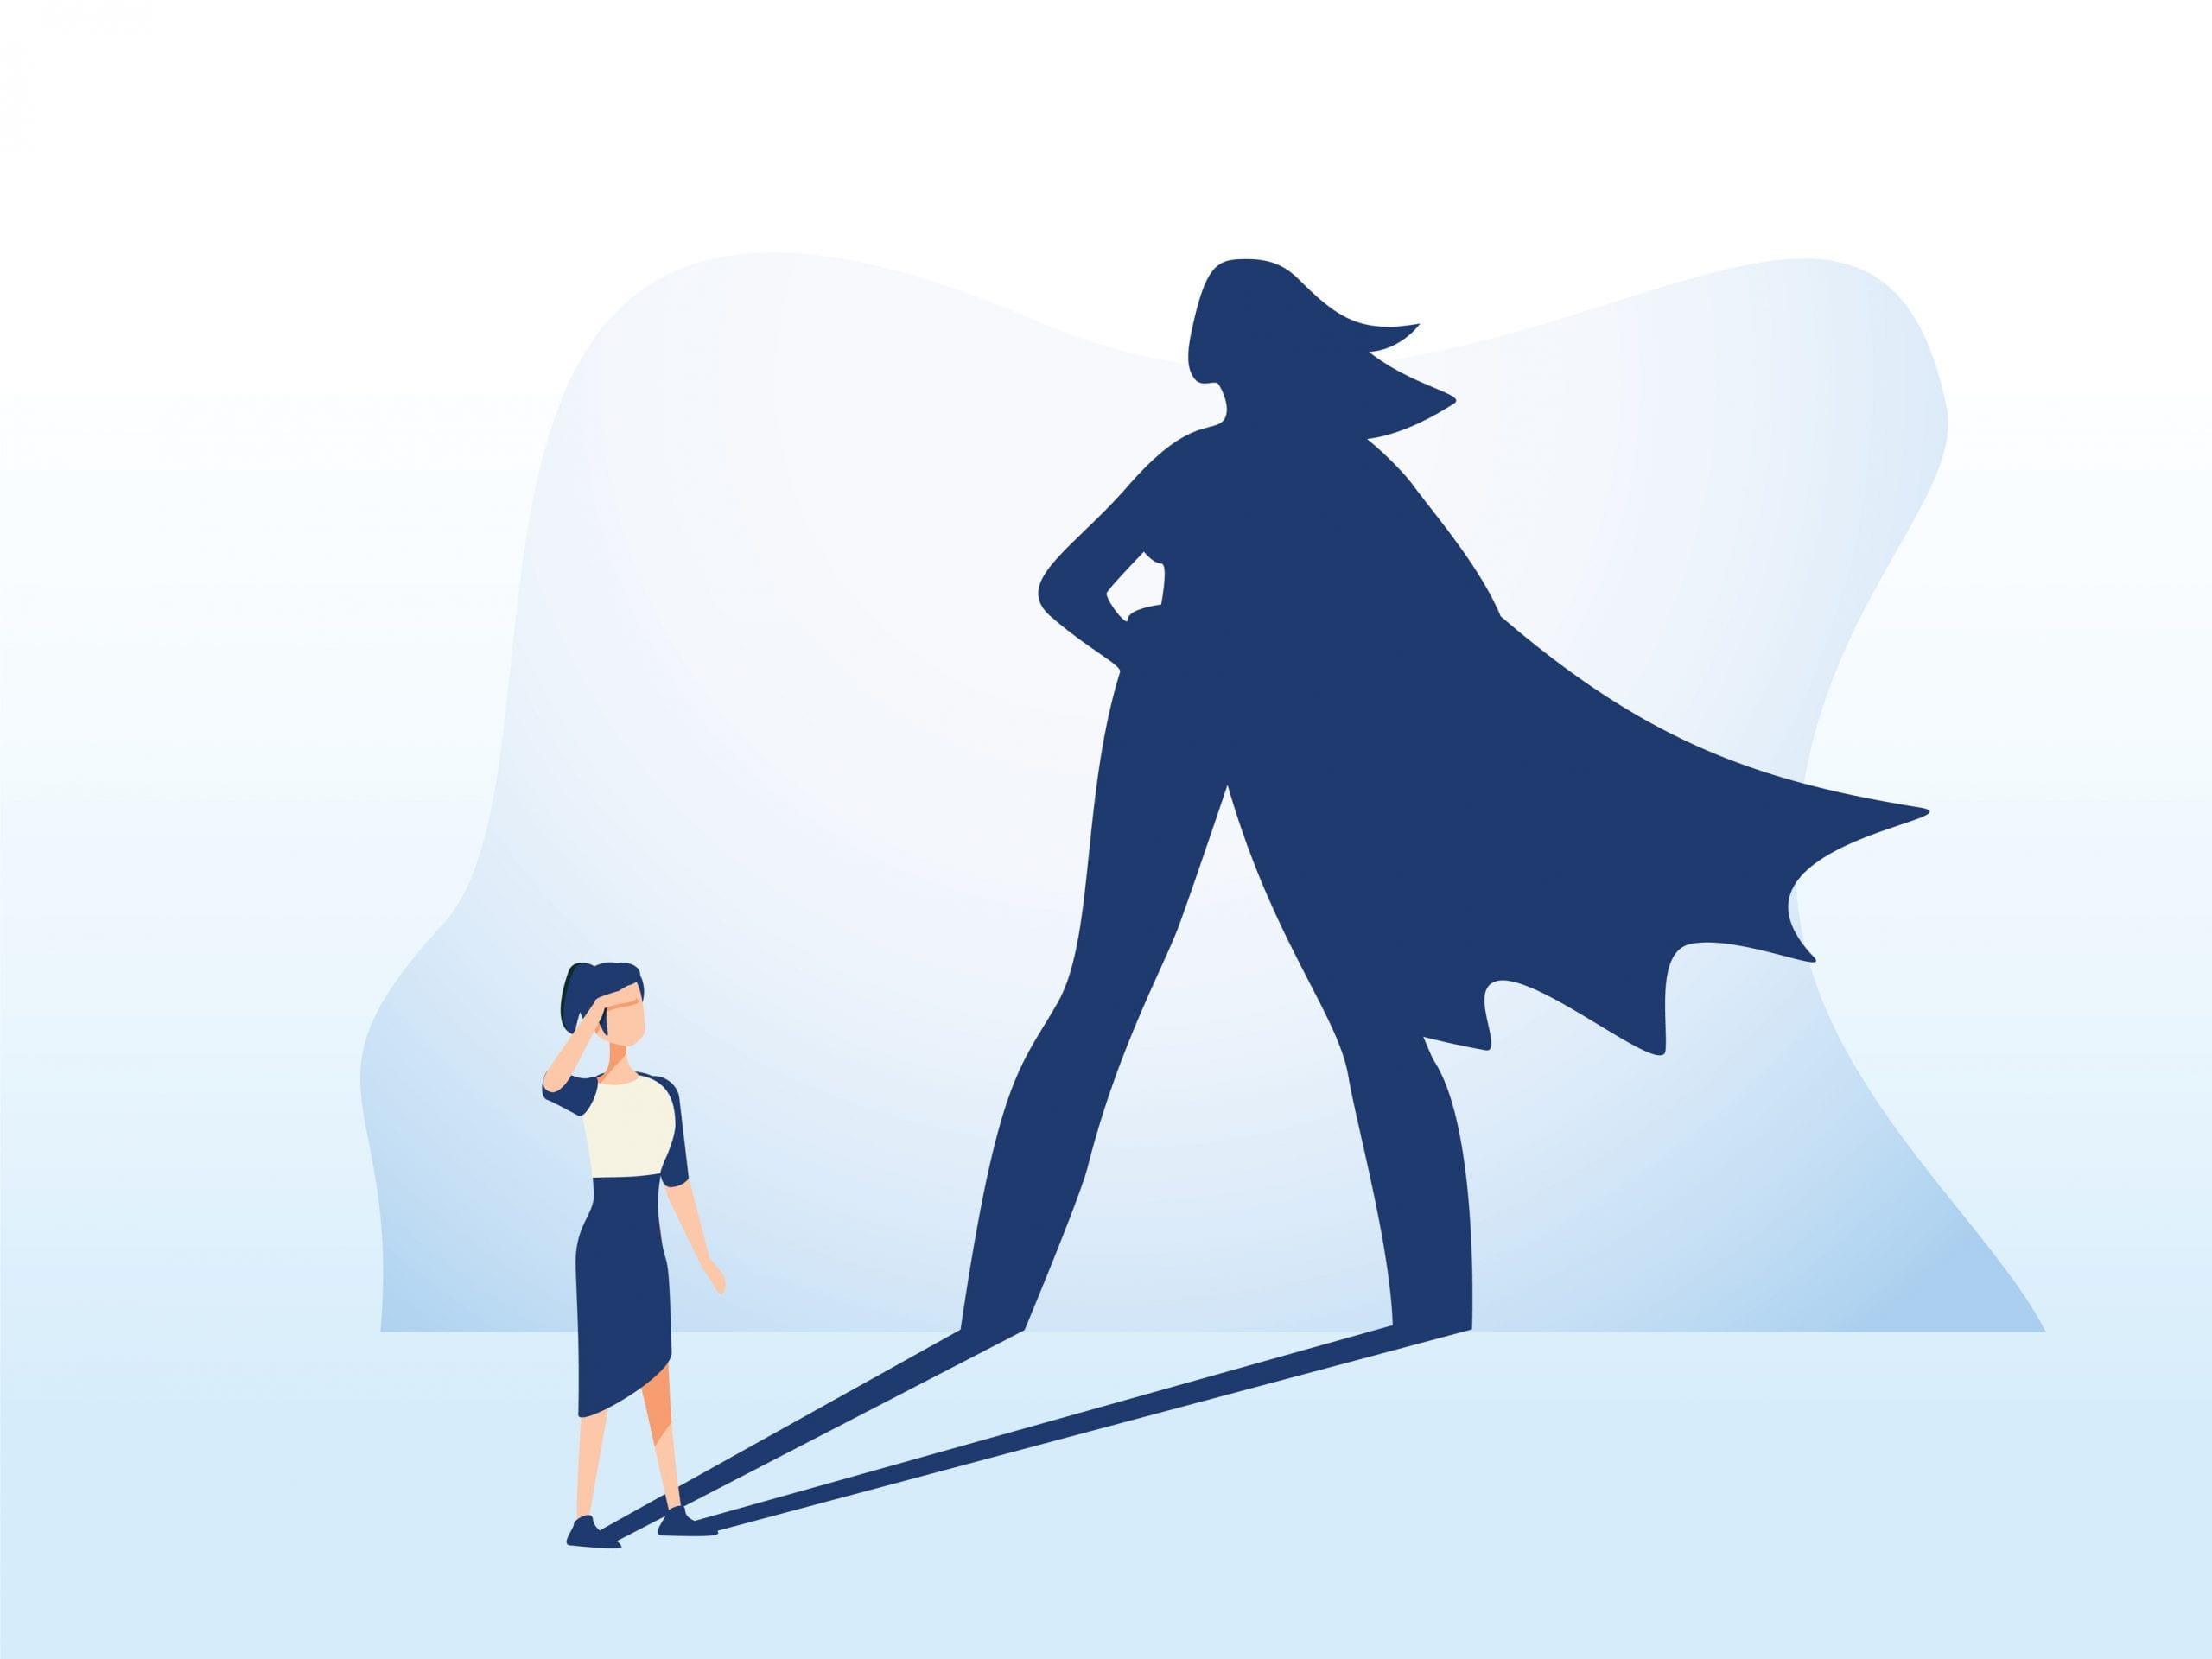 Édito – Qu'en est-il de votre ambition?